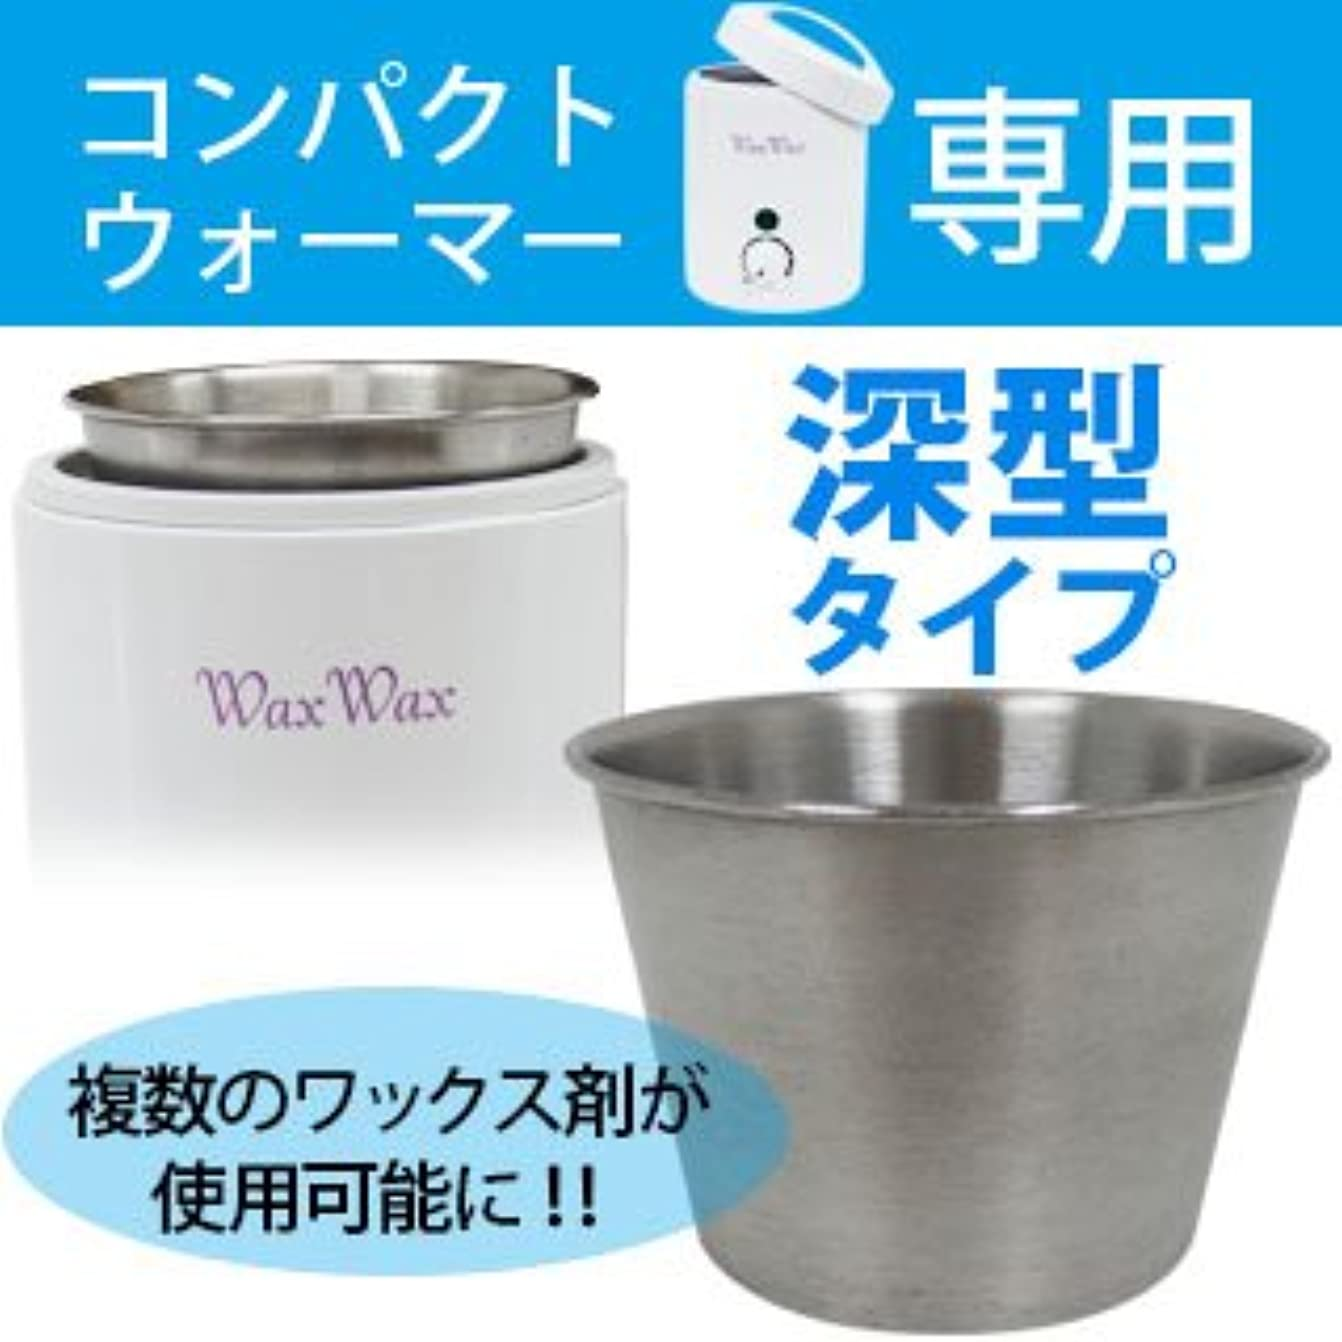 斧ふざけた顕著【深型】コンパクトウォーマー専用 ハードワックス缶 空き缶 ナベ 鍋 ハード専用